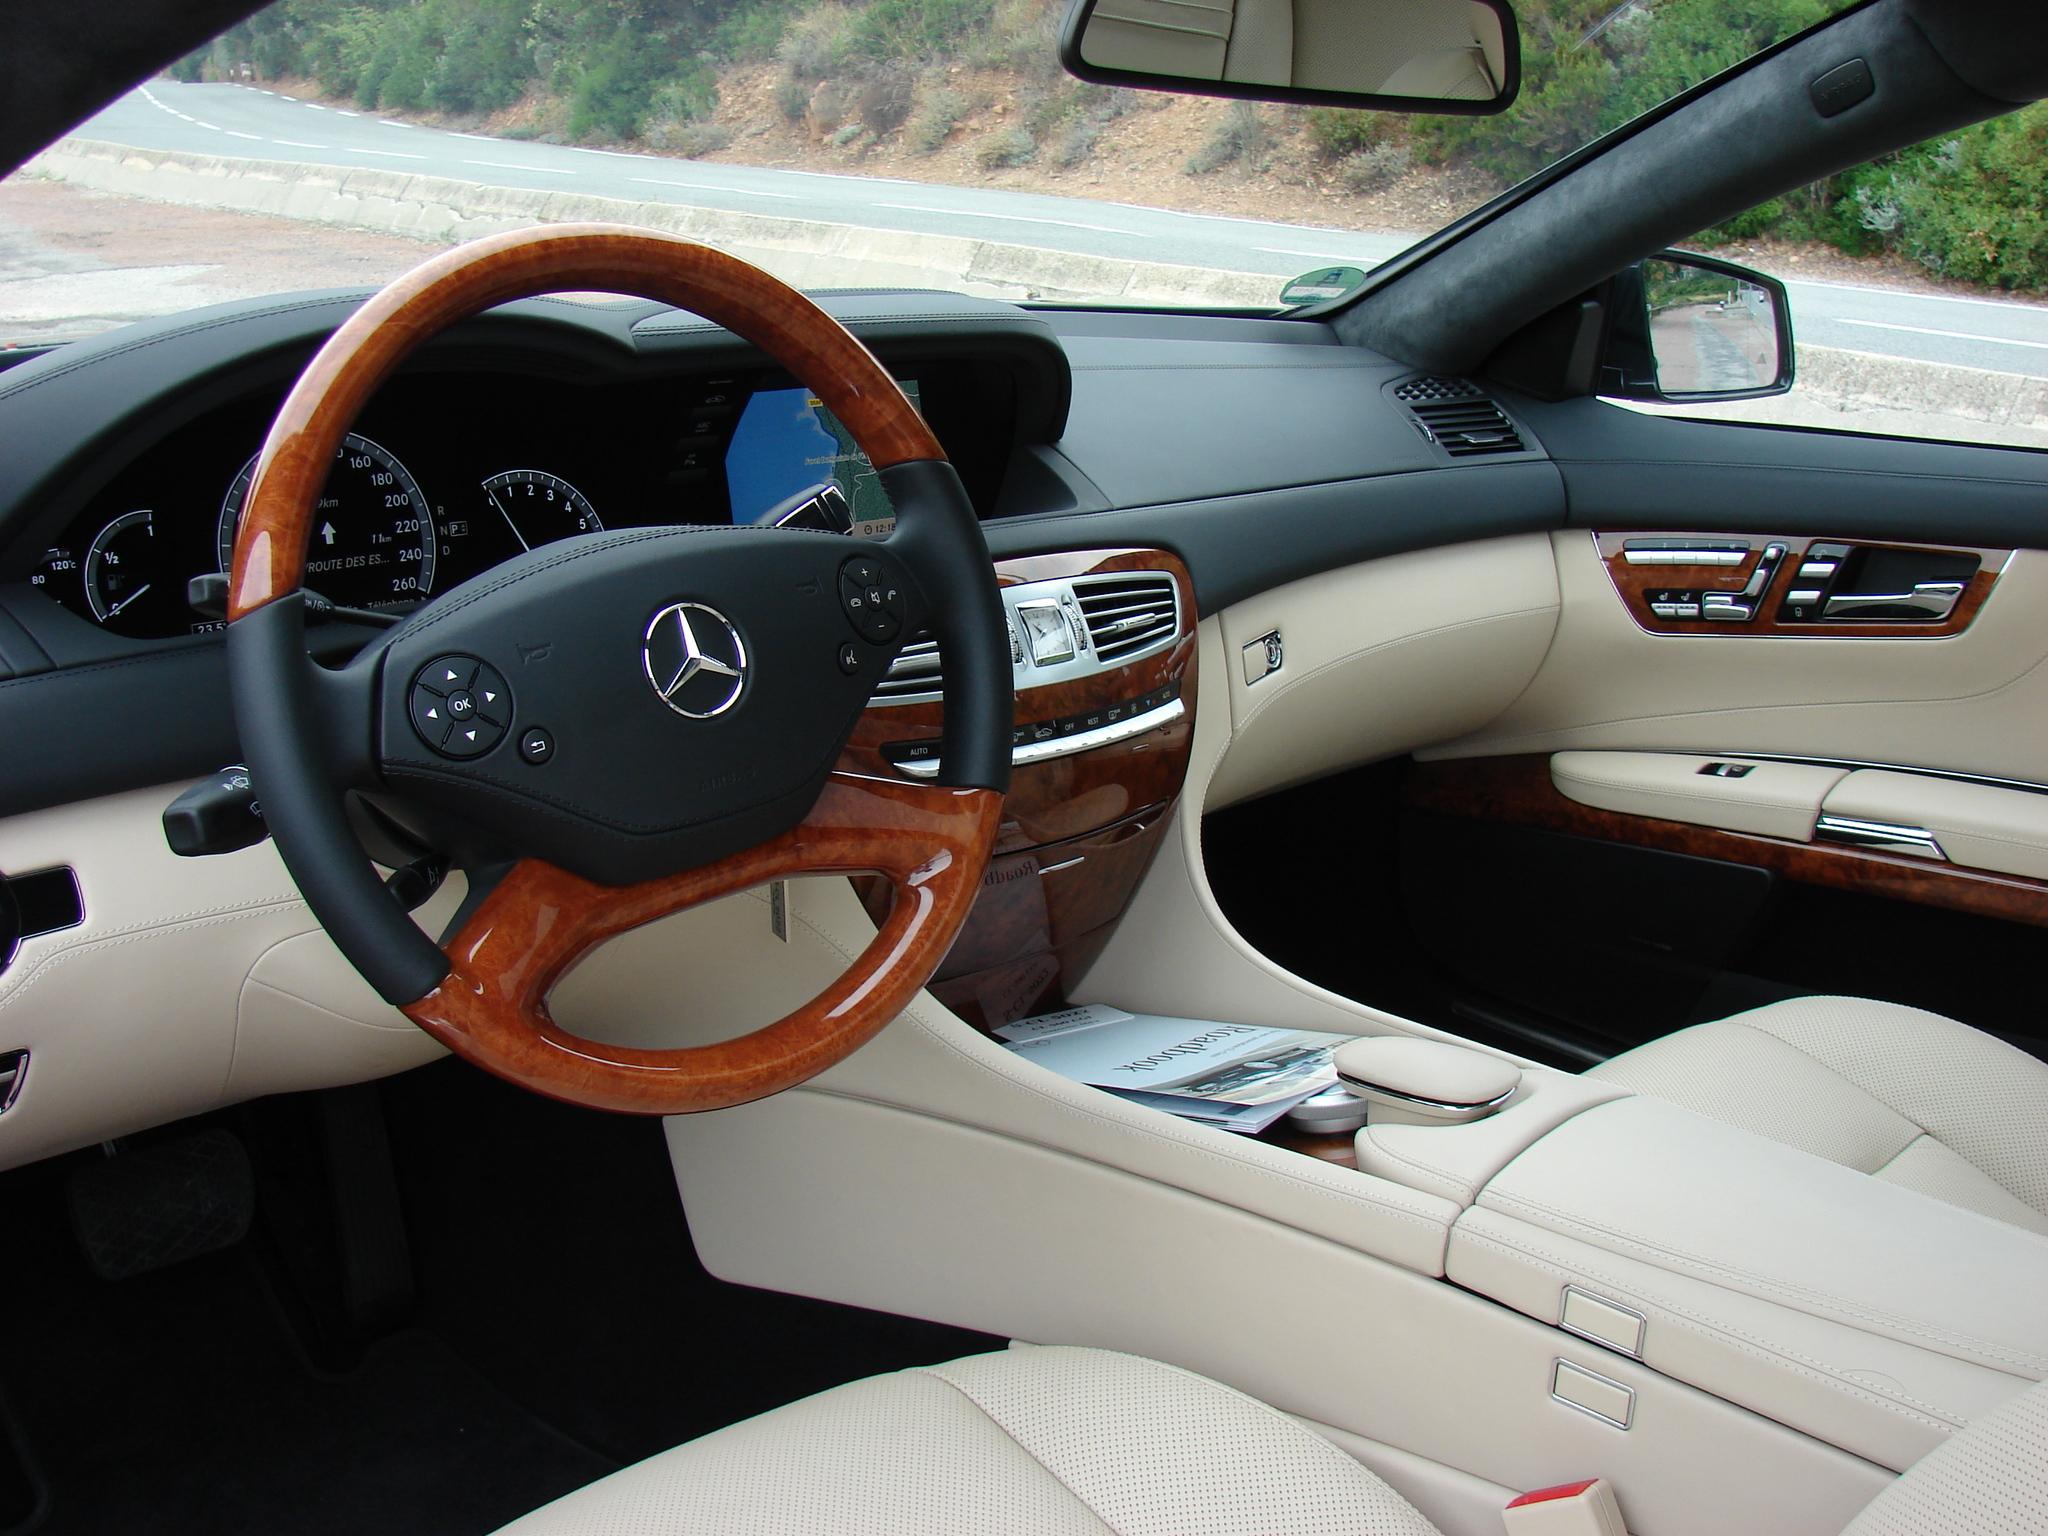 http://images.caradisiac.com/images/0/9/0/5/60905/S0-Essai-Mercedes-CL-restyle-un-athletique-pachyderme-193678.jpg